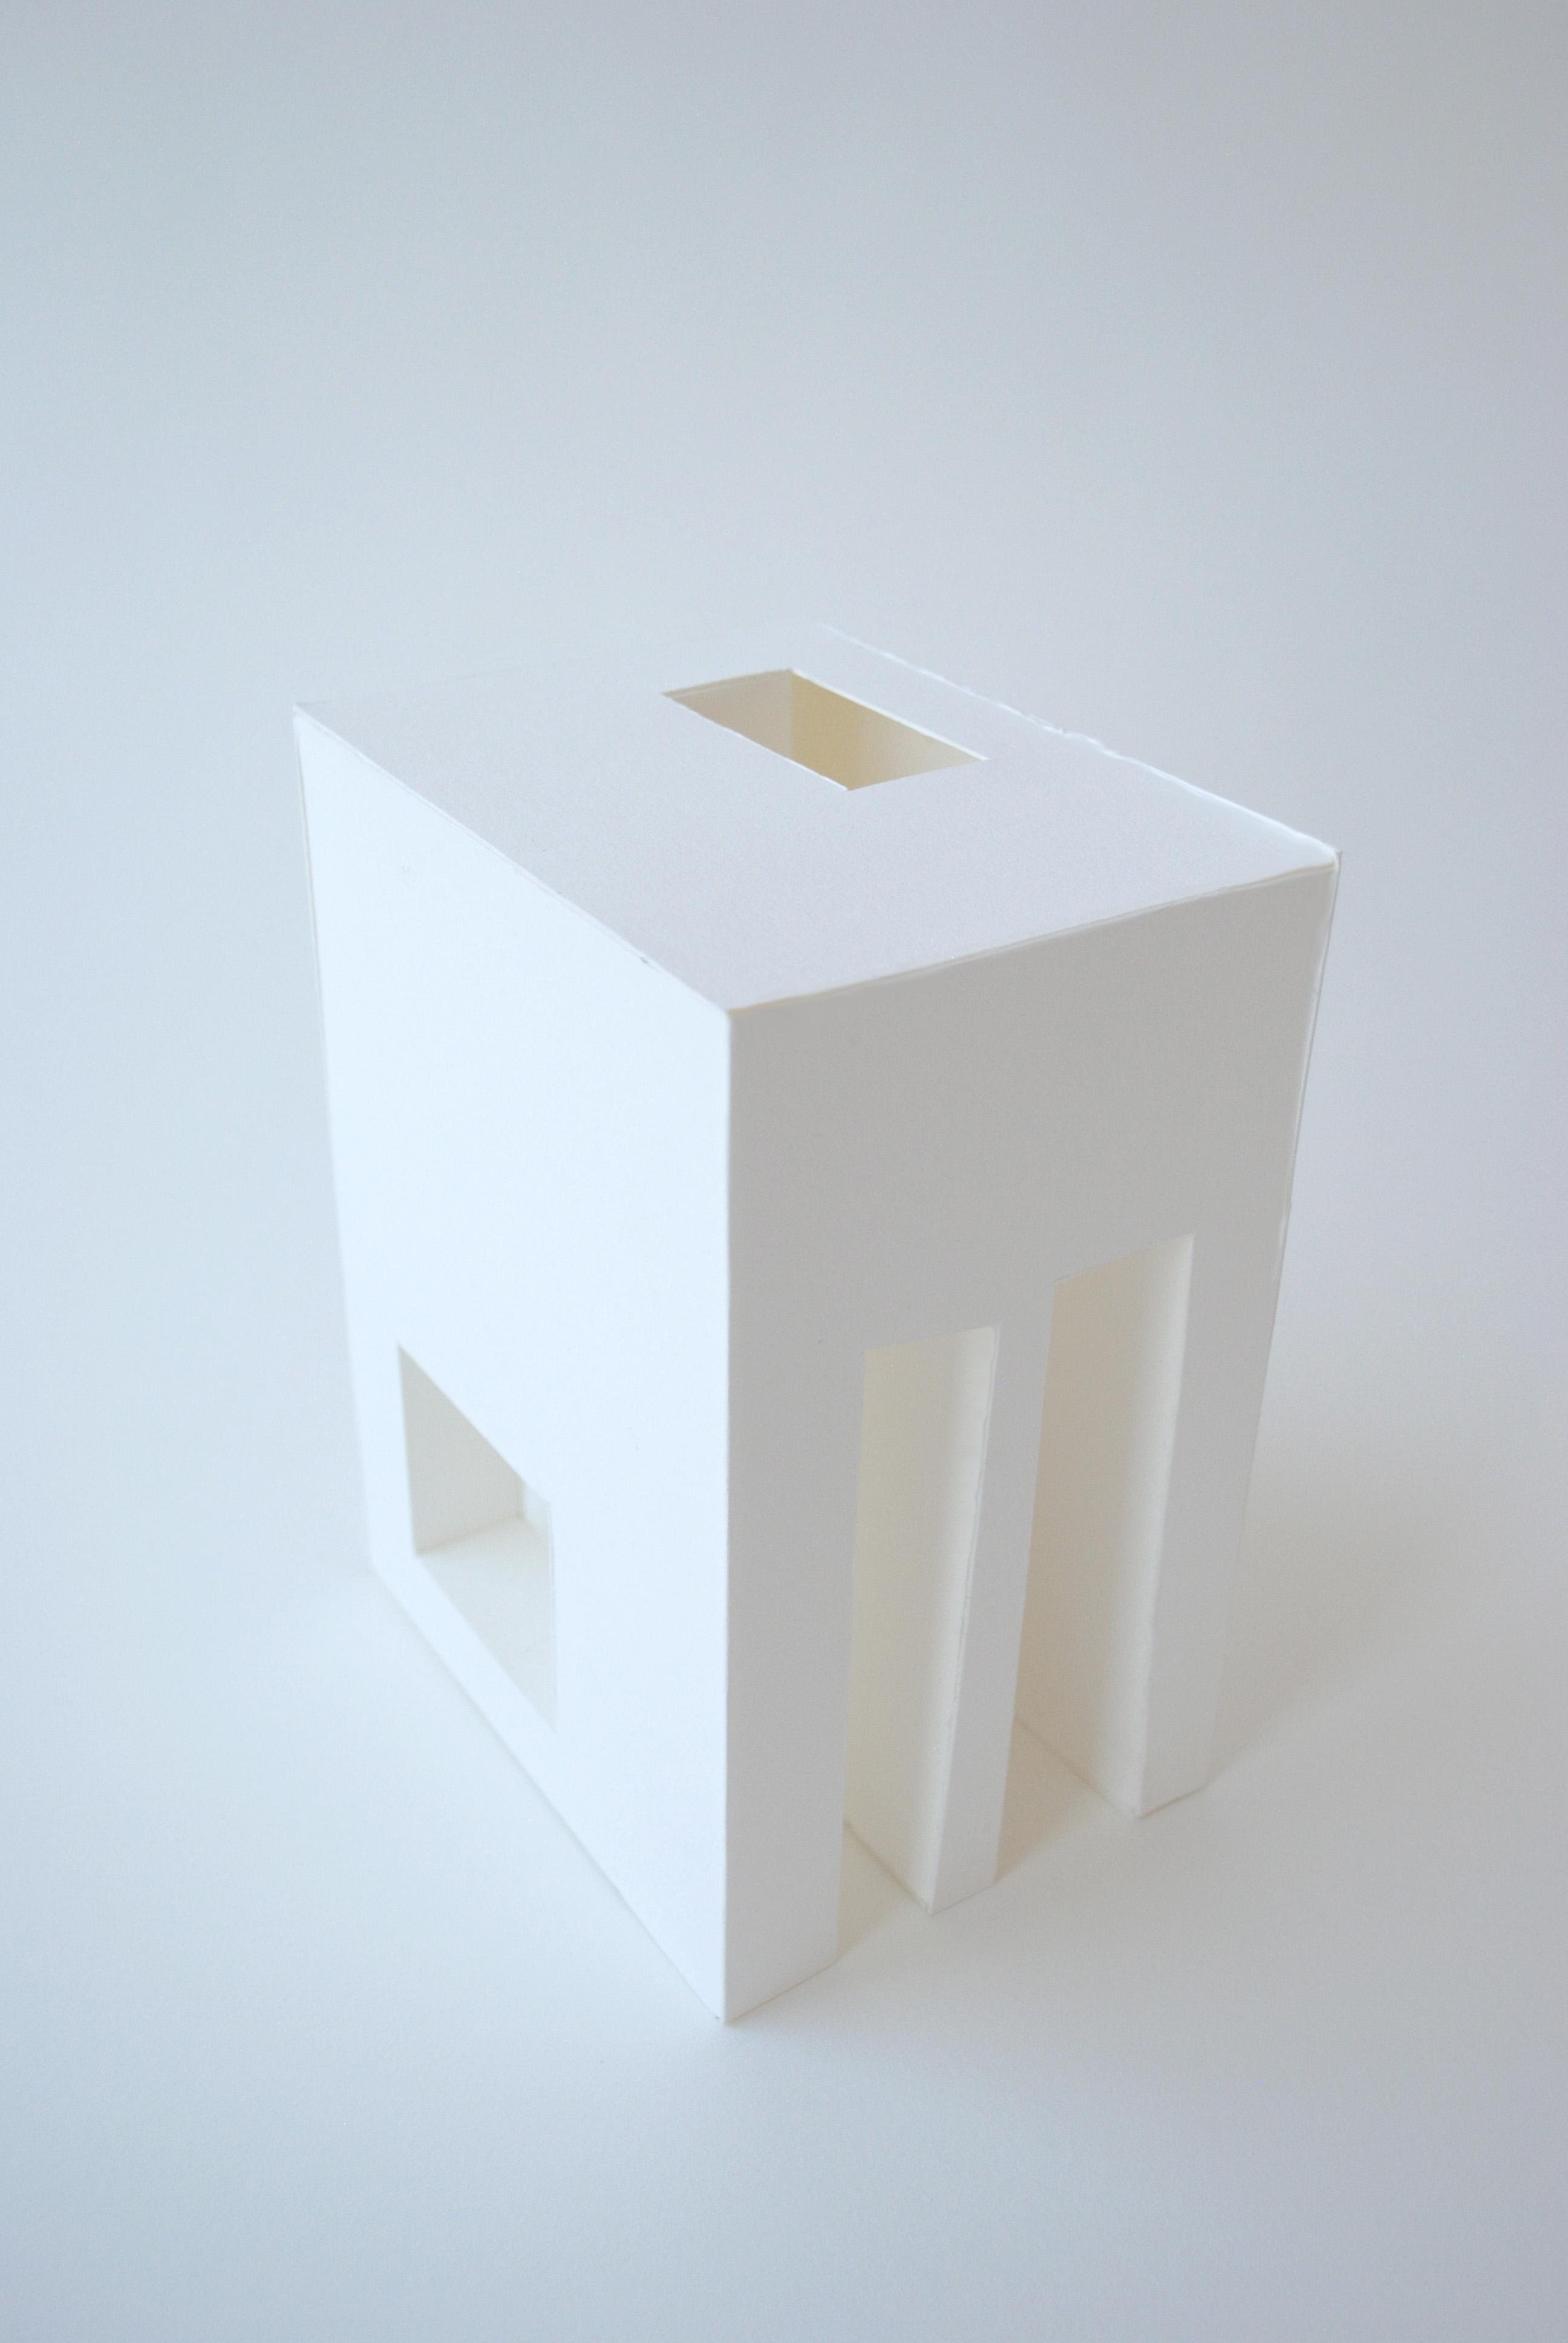 littlebox3